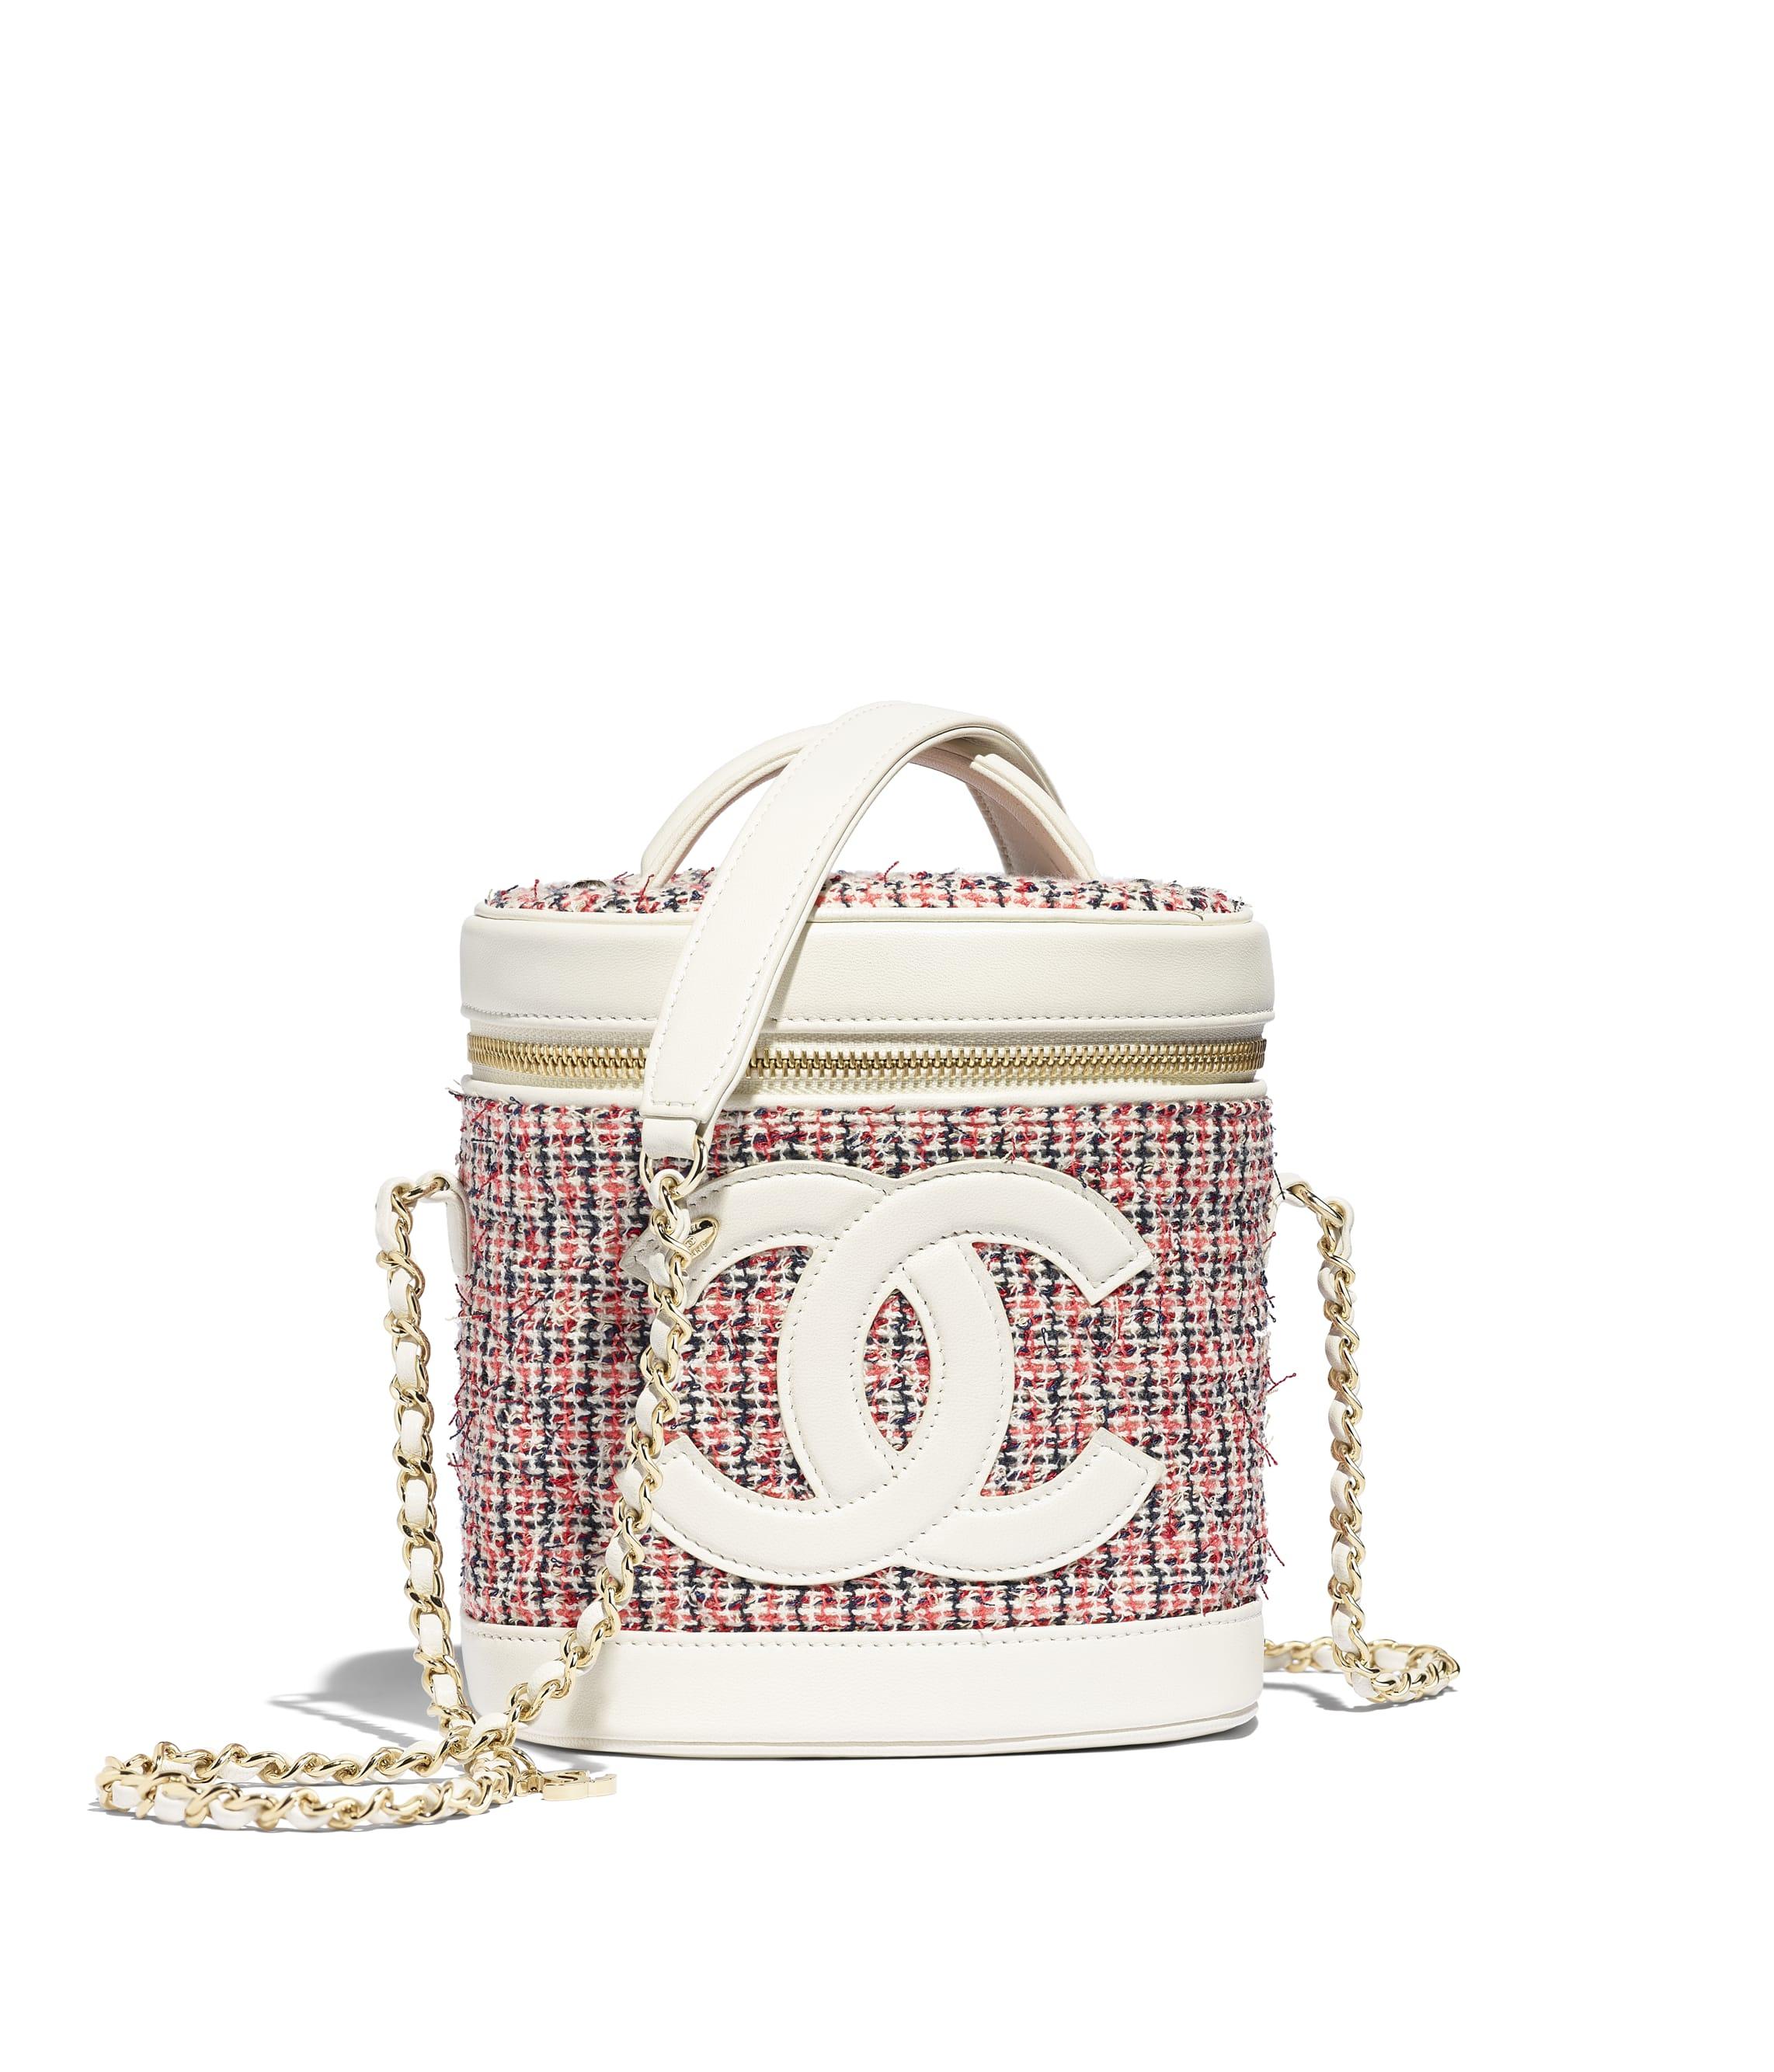 d71543996709 Vanity Cases - Handbags - CHANEL